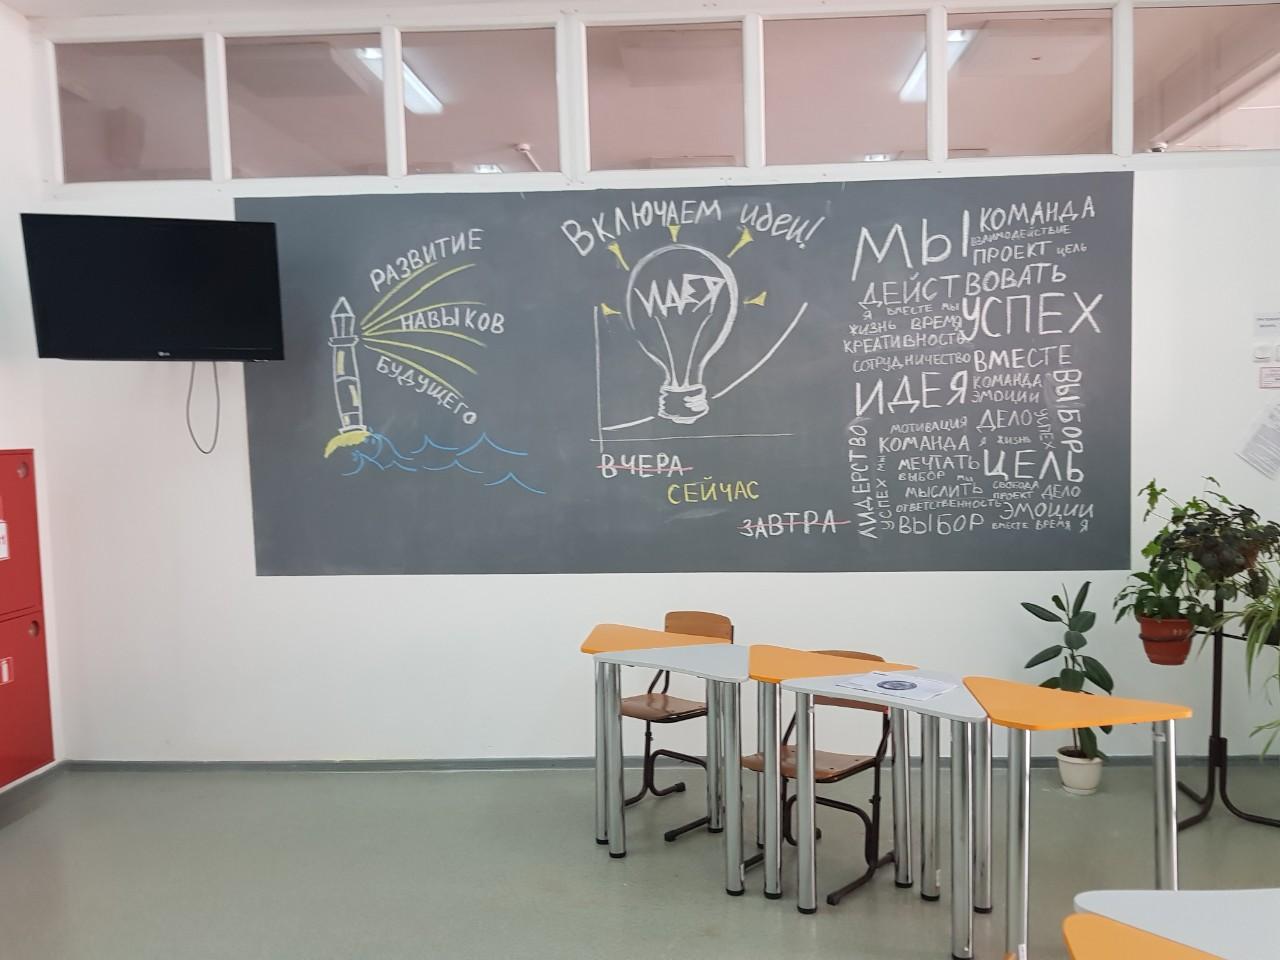 В некоторых школах учителя используют доски для мотивации учеников